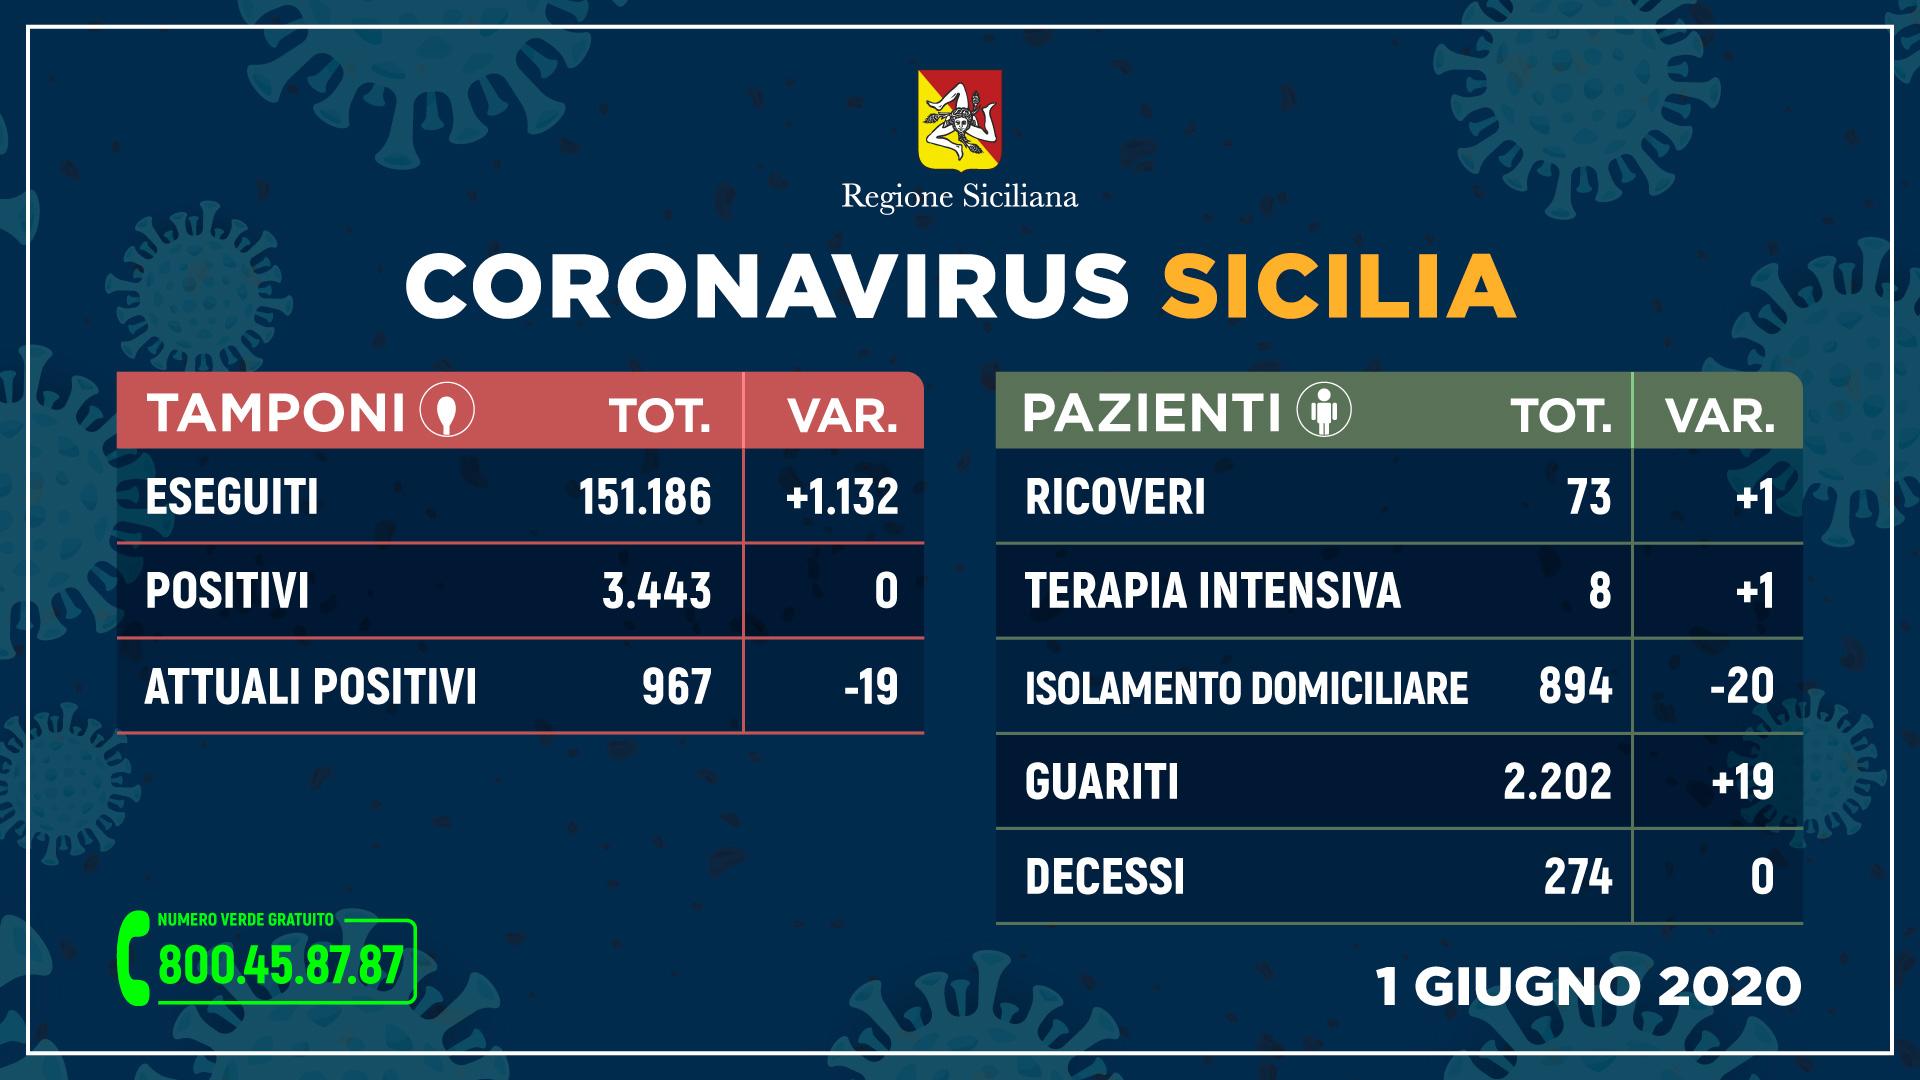 Coronavirus, in Sicilia niente vittime e contagiati nelle ultime 24h